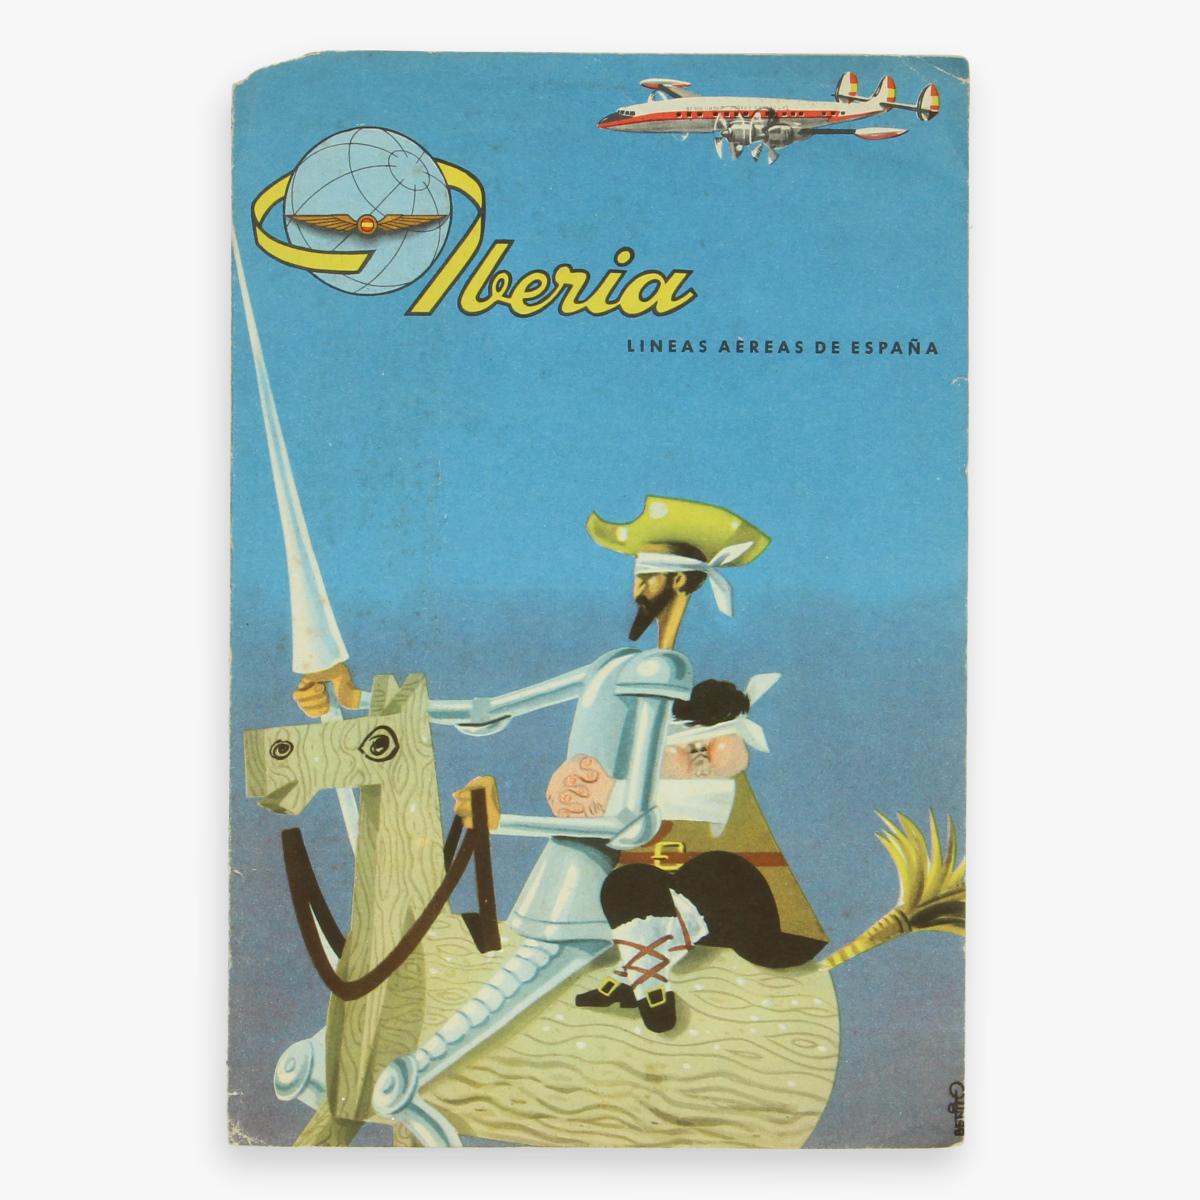 Afbeeldingen van luchtvaartmaatschappij iberia lineas aereas de espana